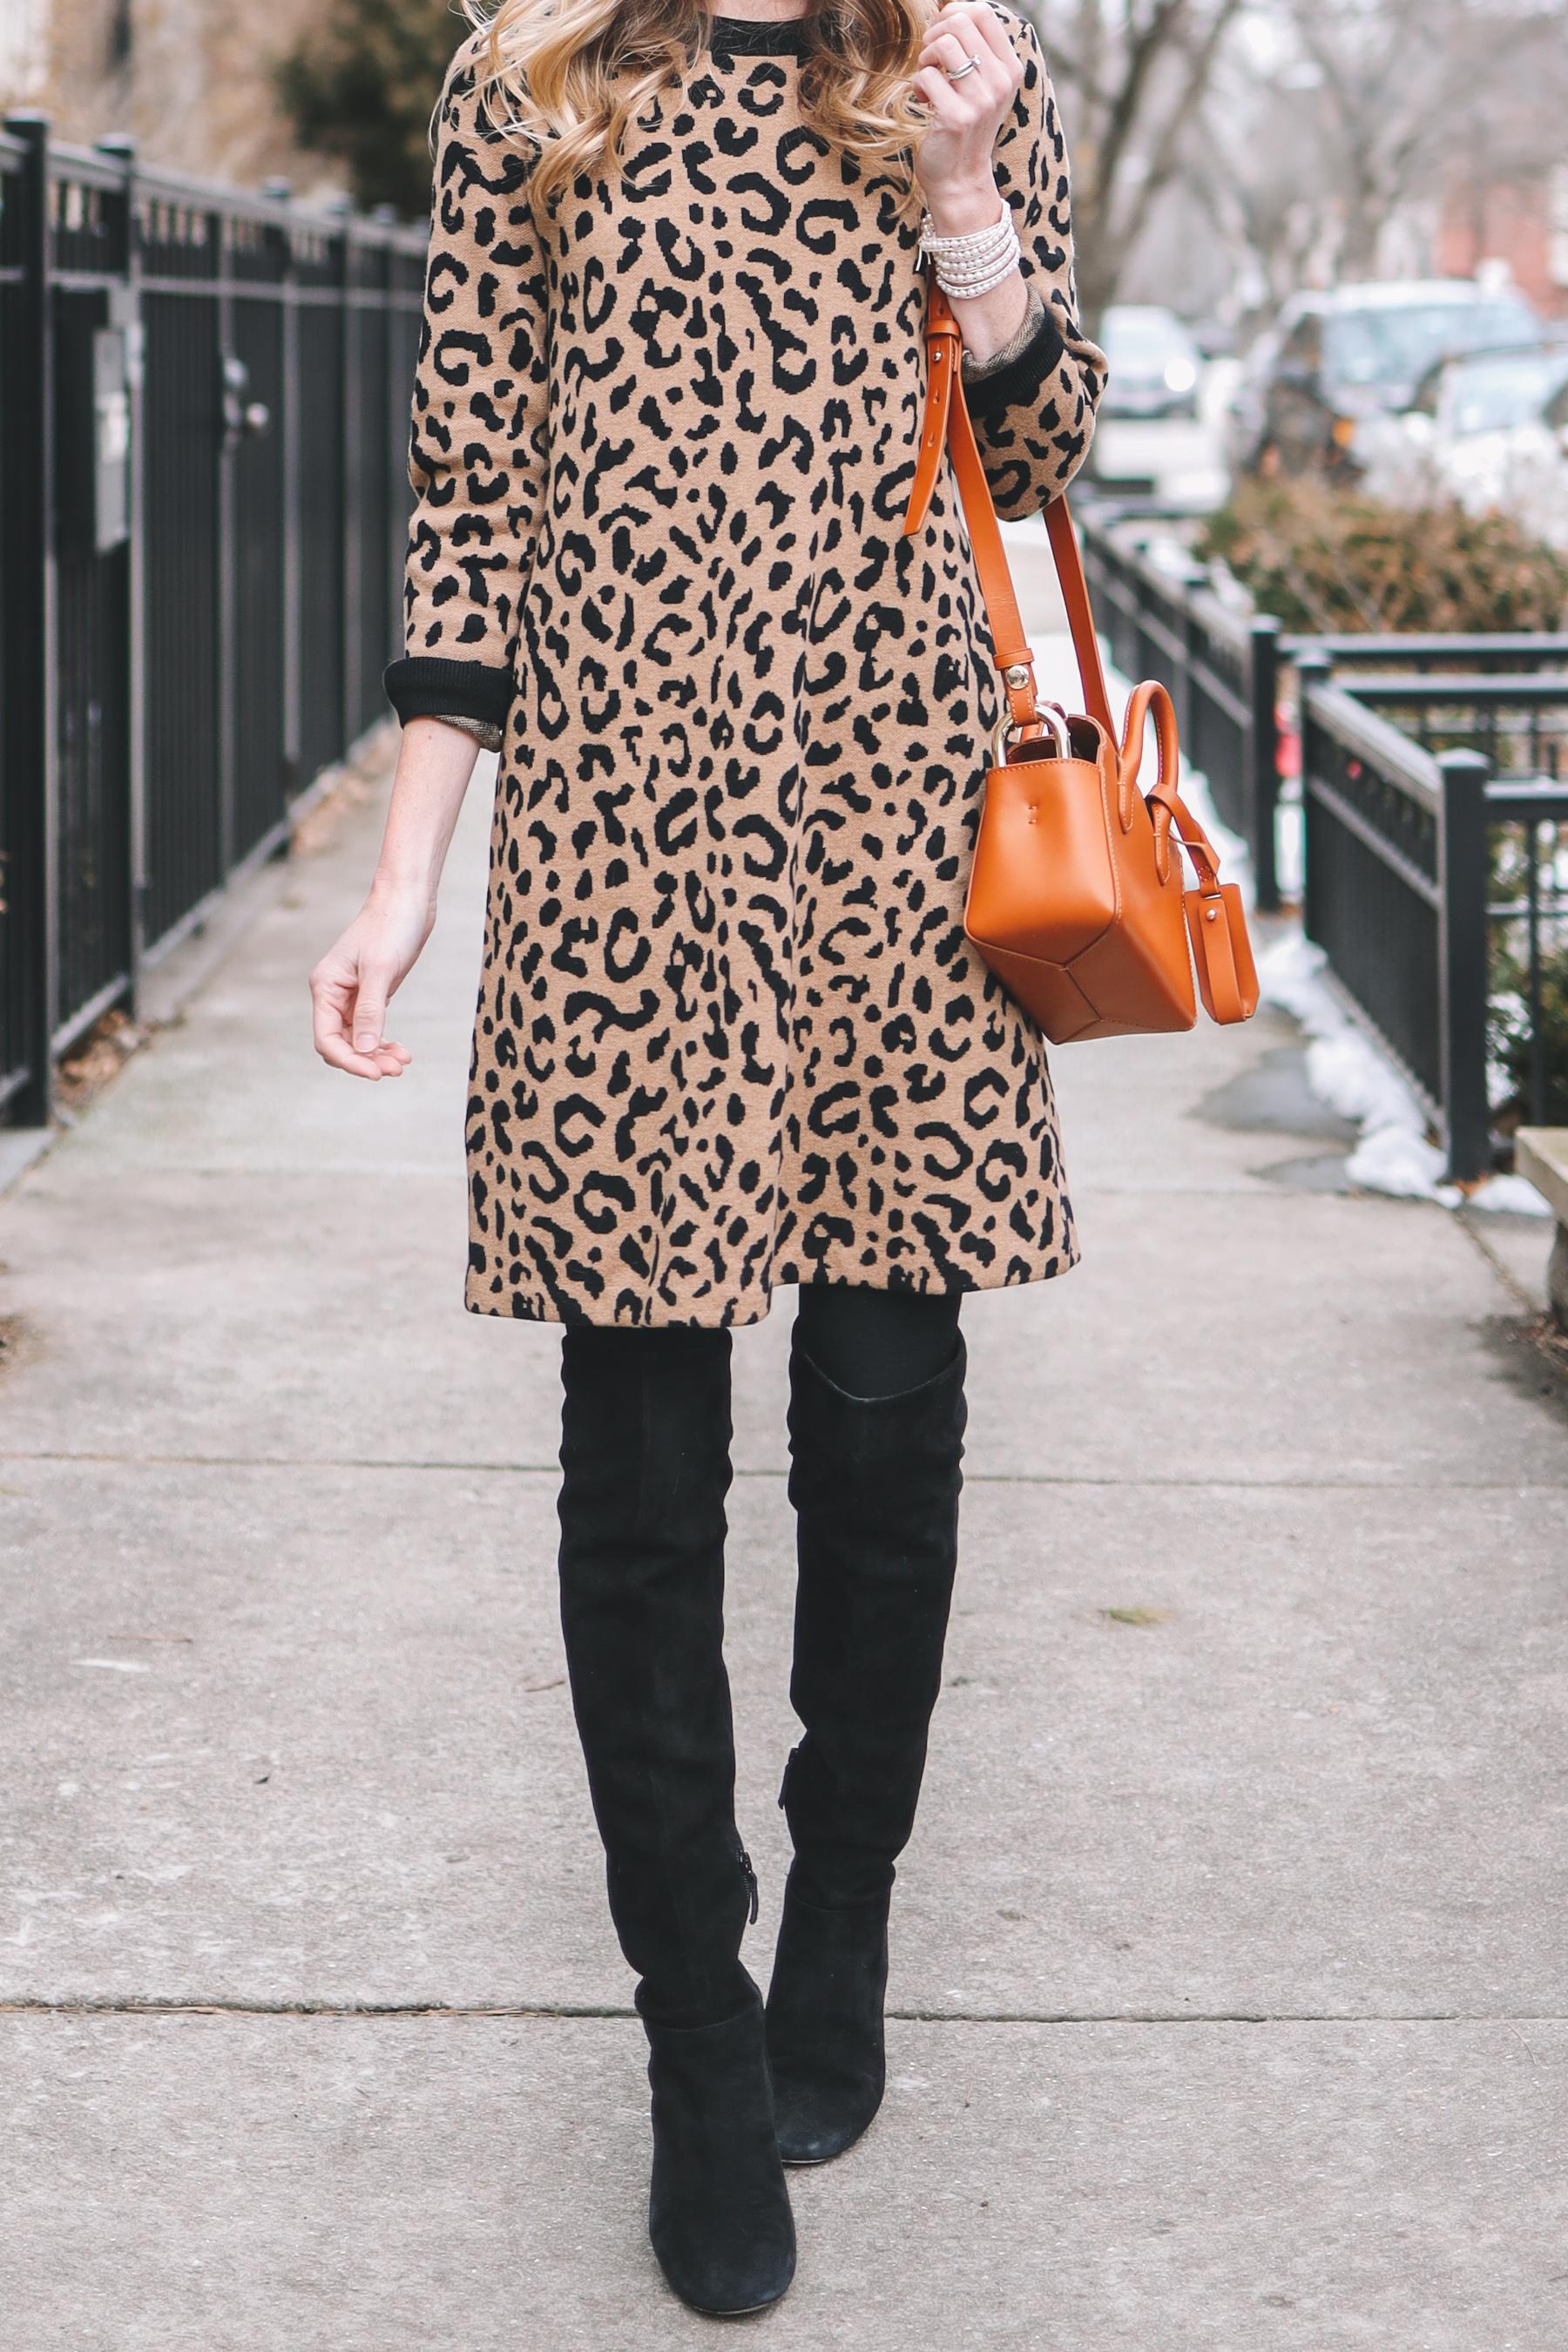 Leopard Sweater Dress on Sale